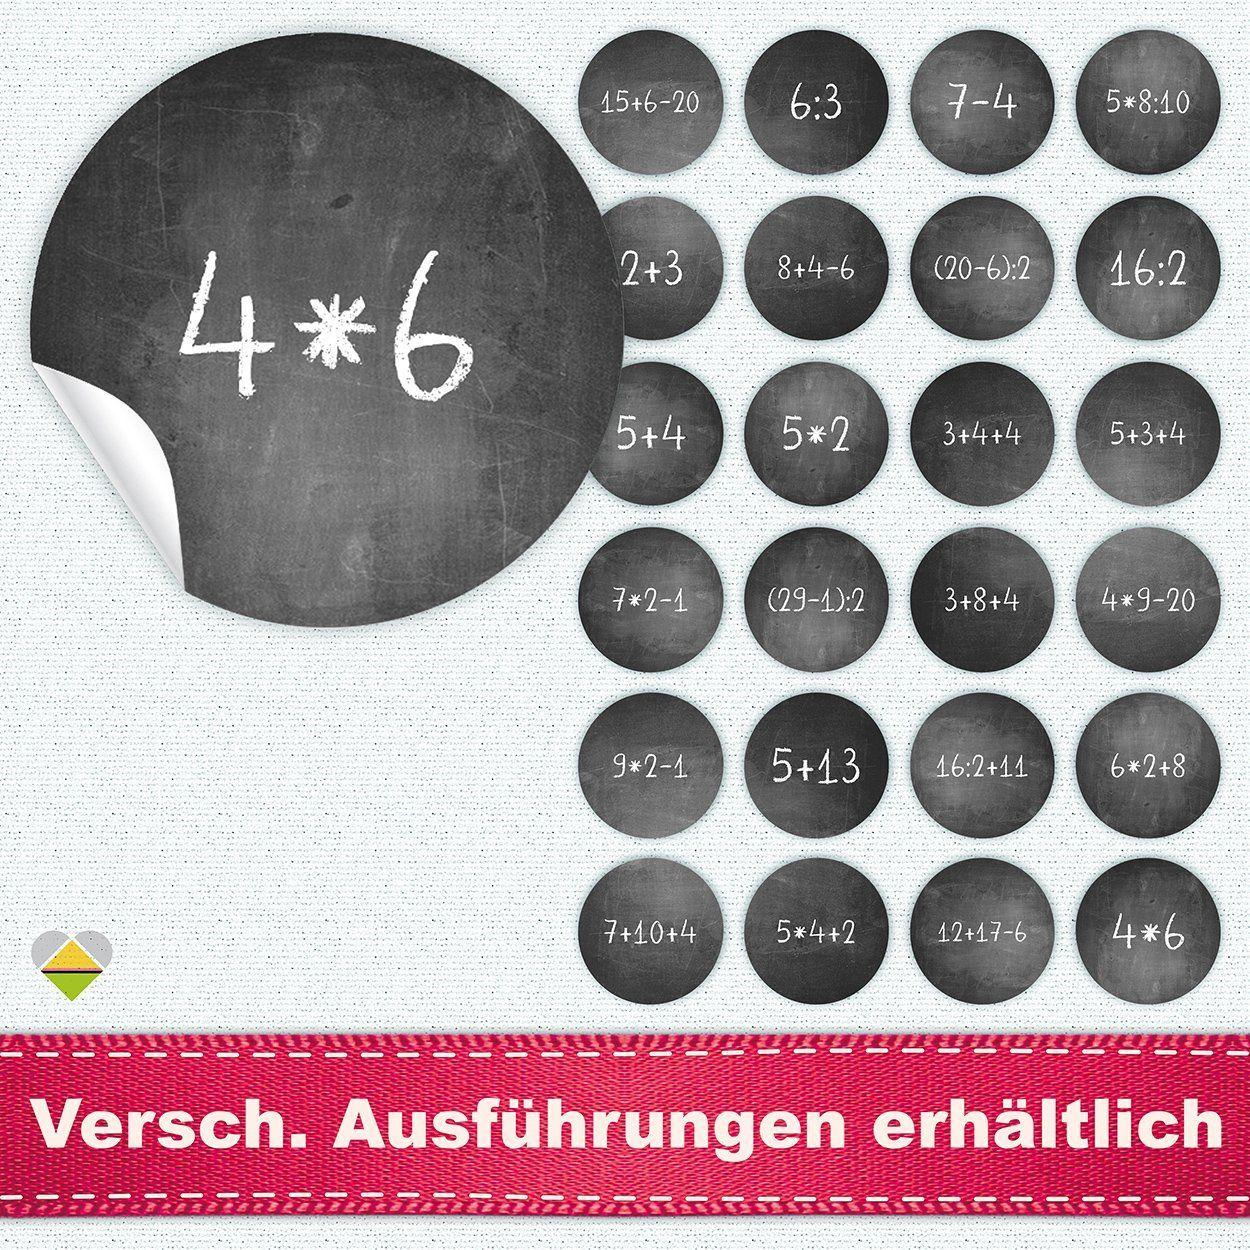 Adventskalender Zahlen Mathe amazon.de: 24 adventskalender-zahlen | kreidetafel / schultafel look